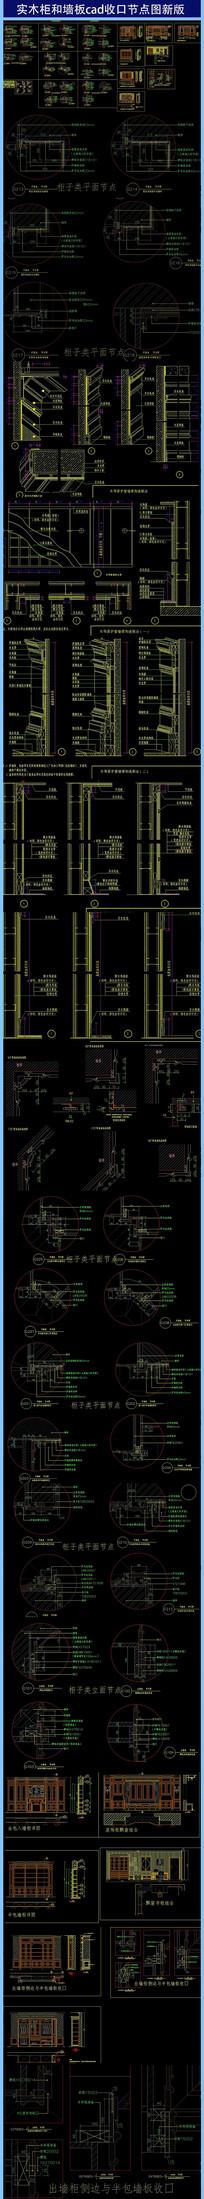 实木柜和墙板cad收口节点图新版